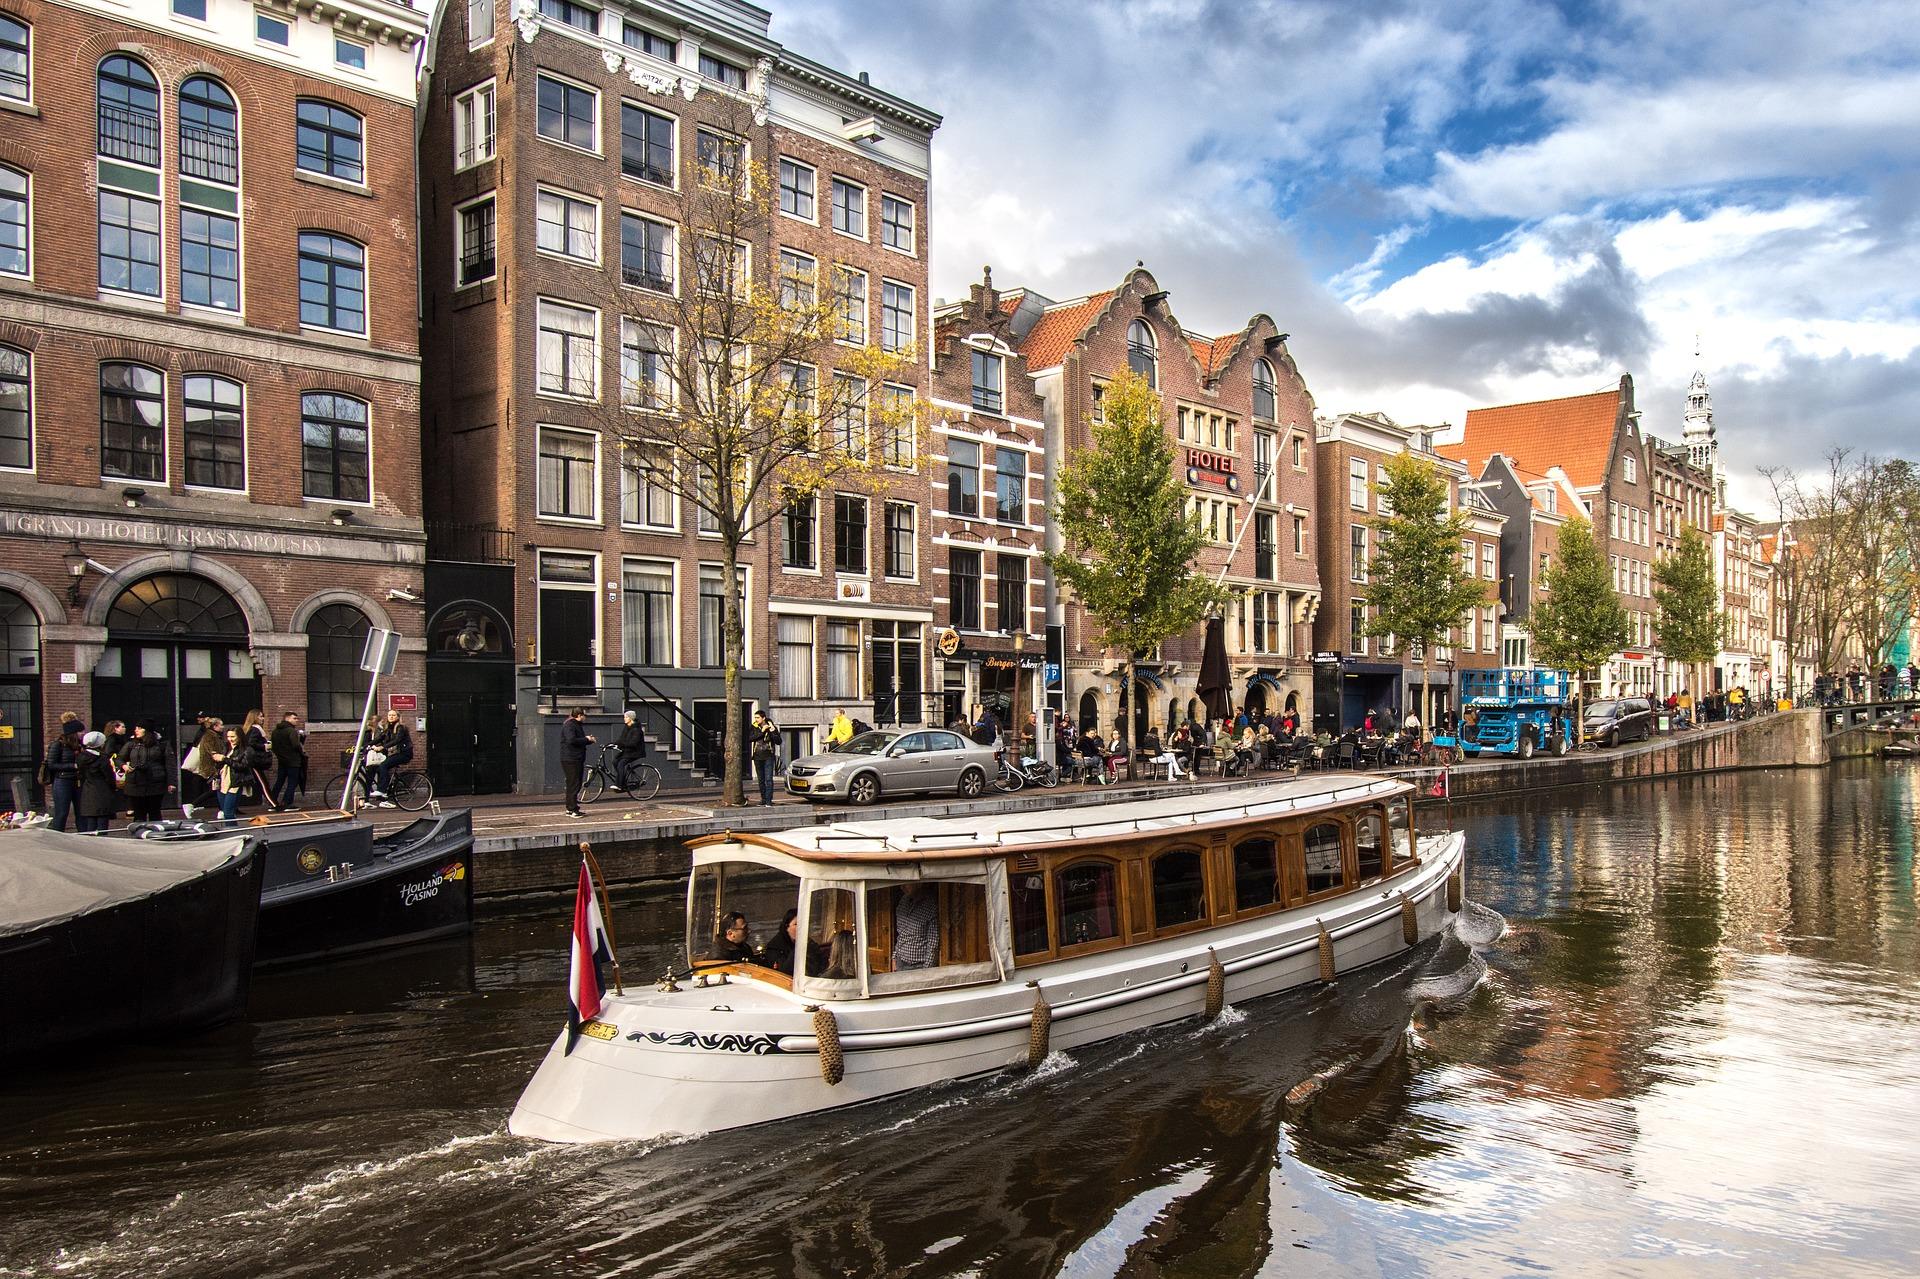 agencja pracy w holandii